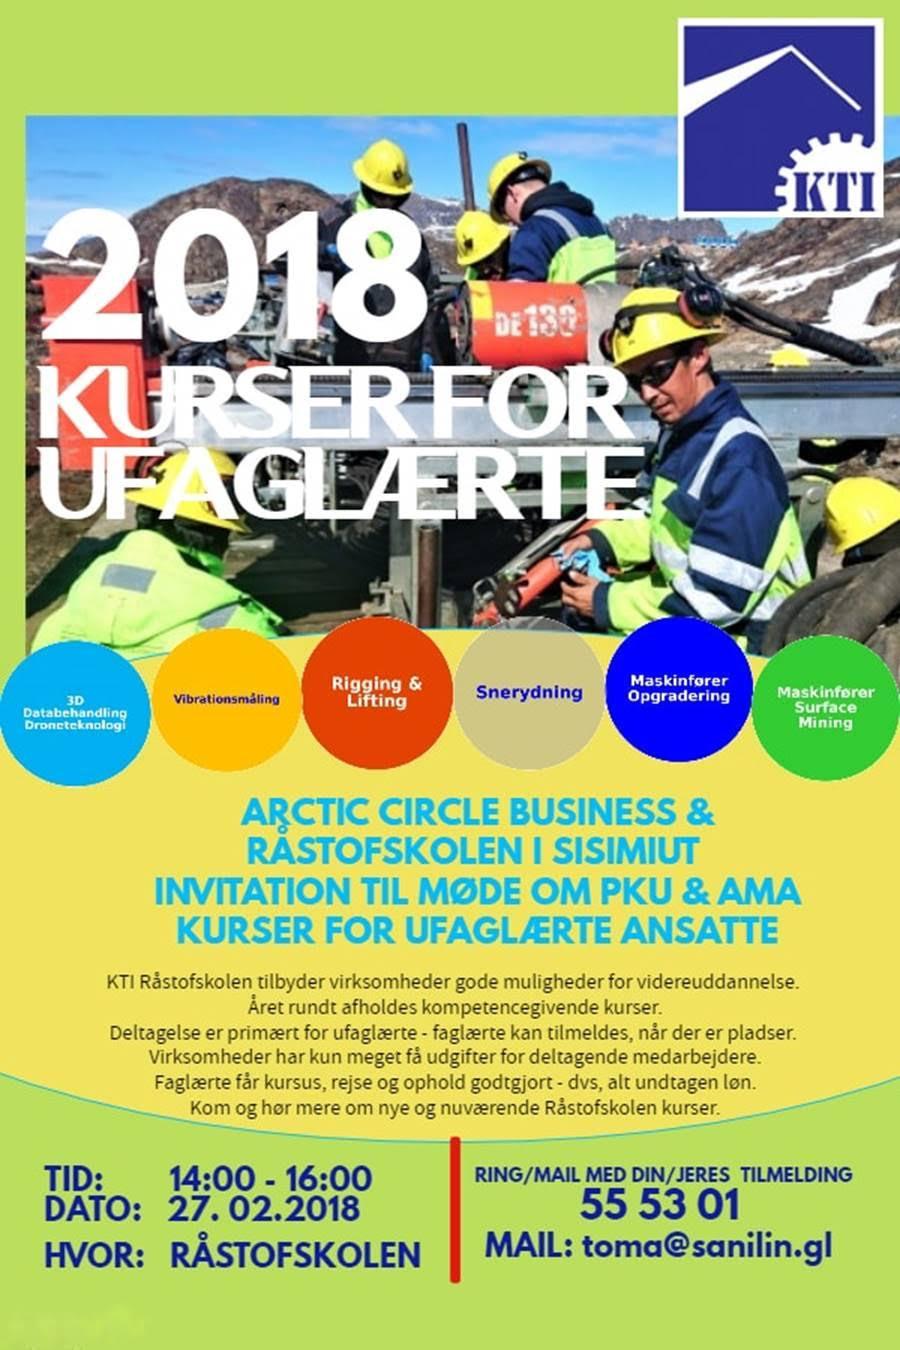 Arctic Circle Business og Råstofskolen inviterer til møde om PKU og AMA kurser.